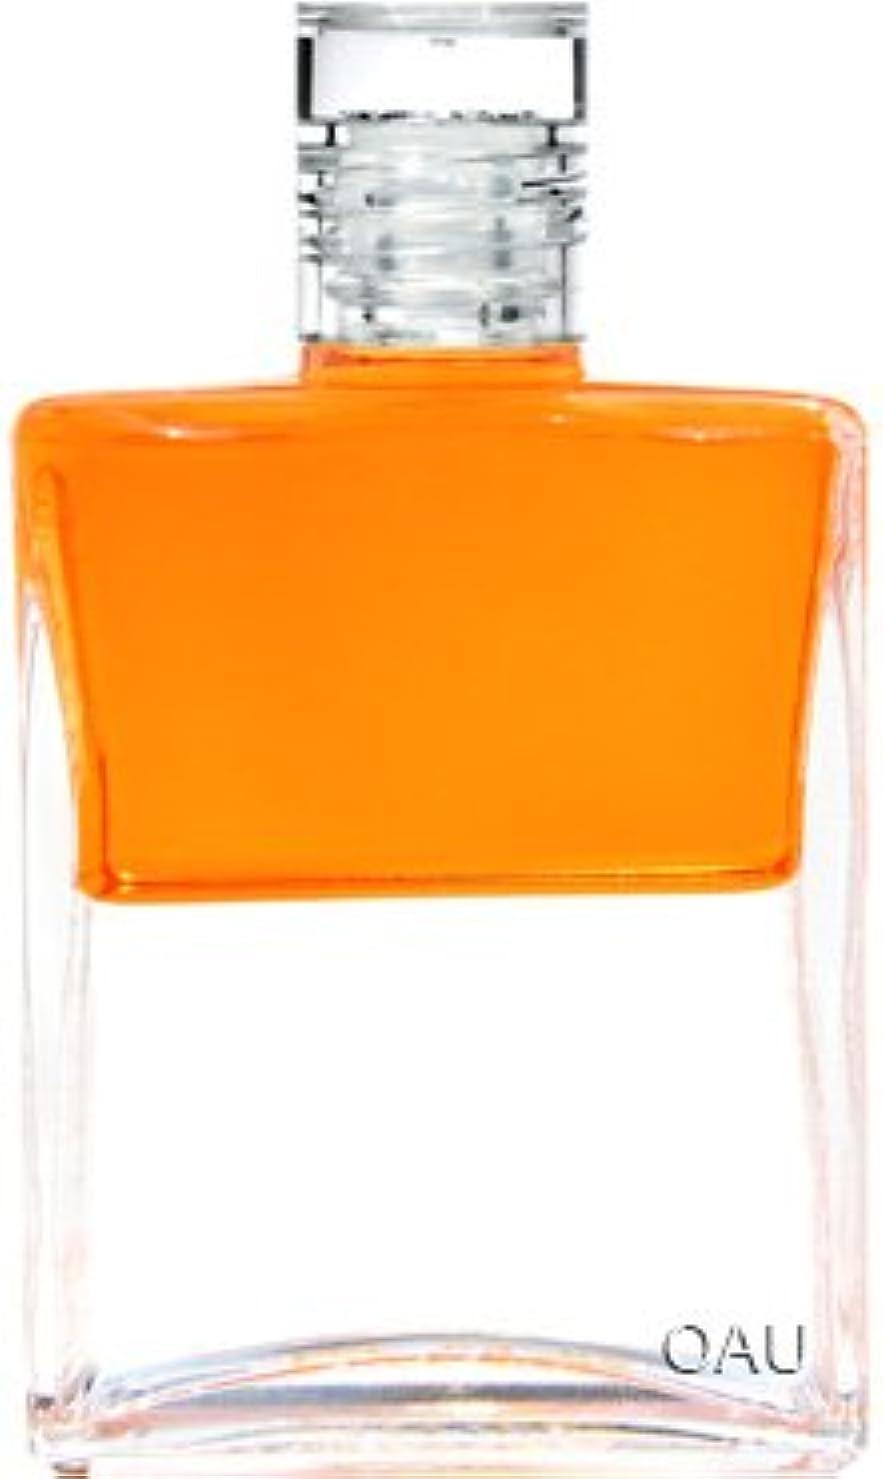 コールドブラジャー無駄にオーラソーマ イクイリブリアム ボトル B073 50ml 荘子「深い洞察を伝える」(使い方リーフレット付)